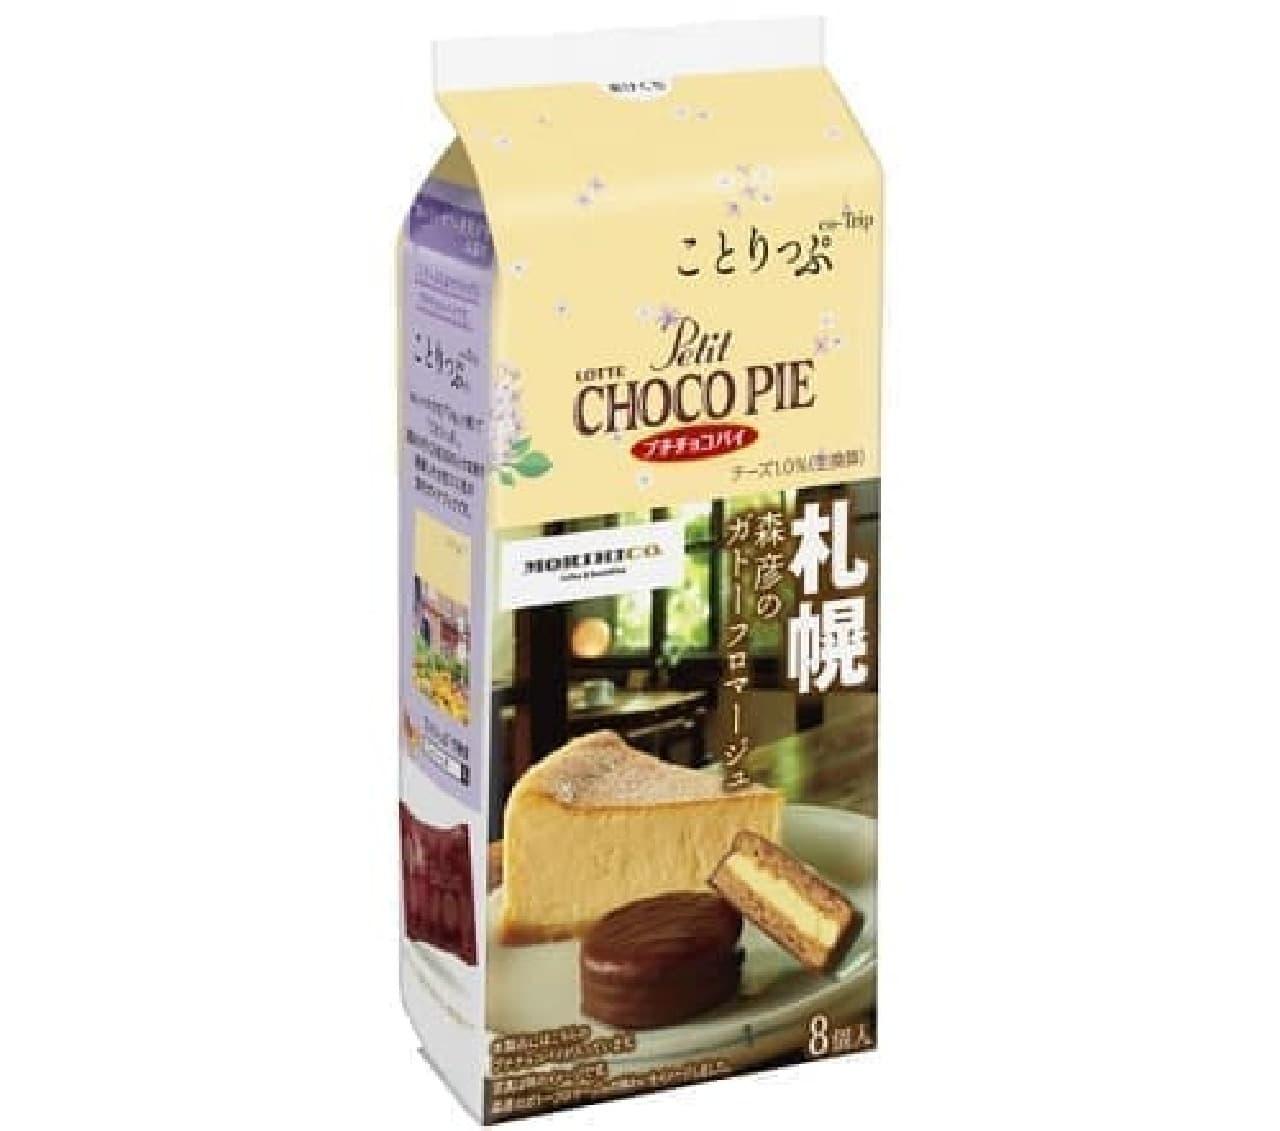 ことりっぷ プチチョコパイ<森彦のガトーフロマージュ>